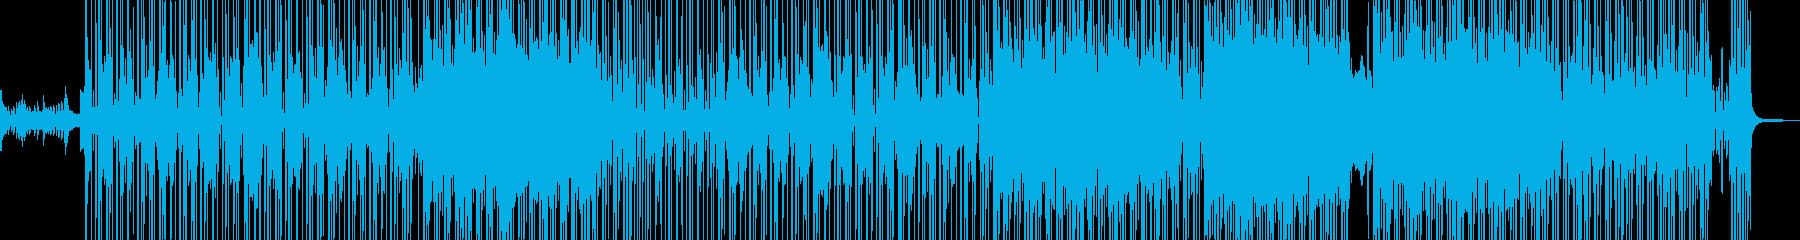 ビターエンドテーマの切ないR&B 長尺★の再生済みの波形